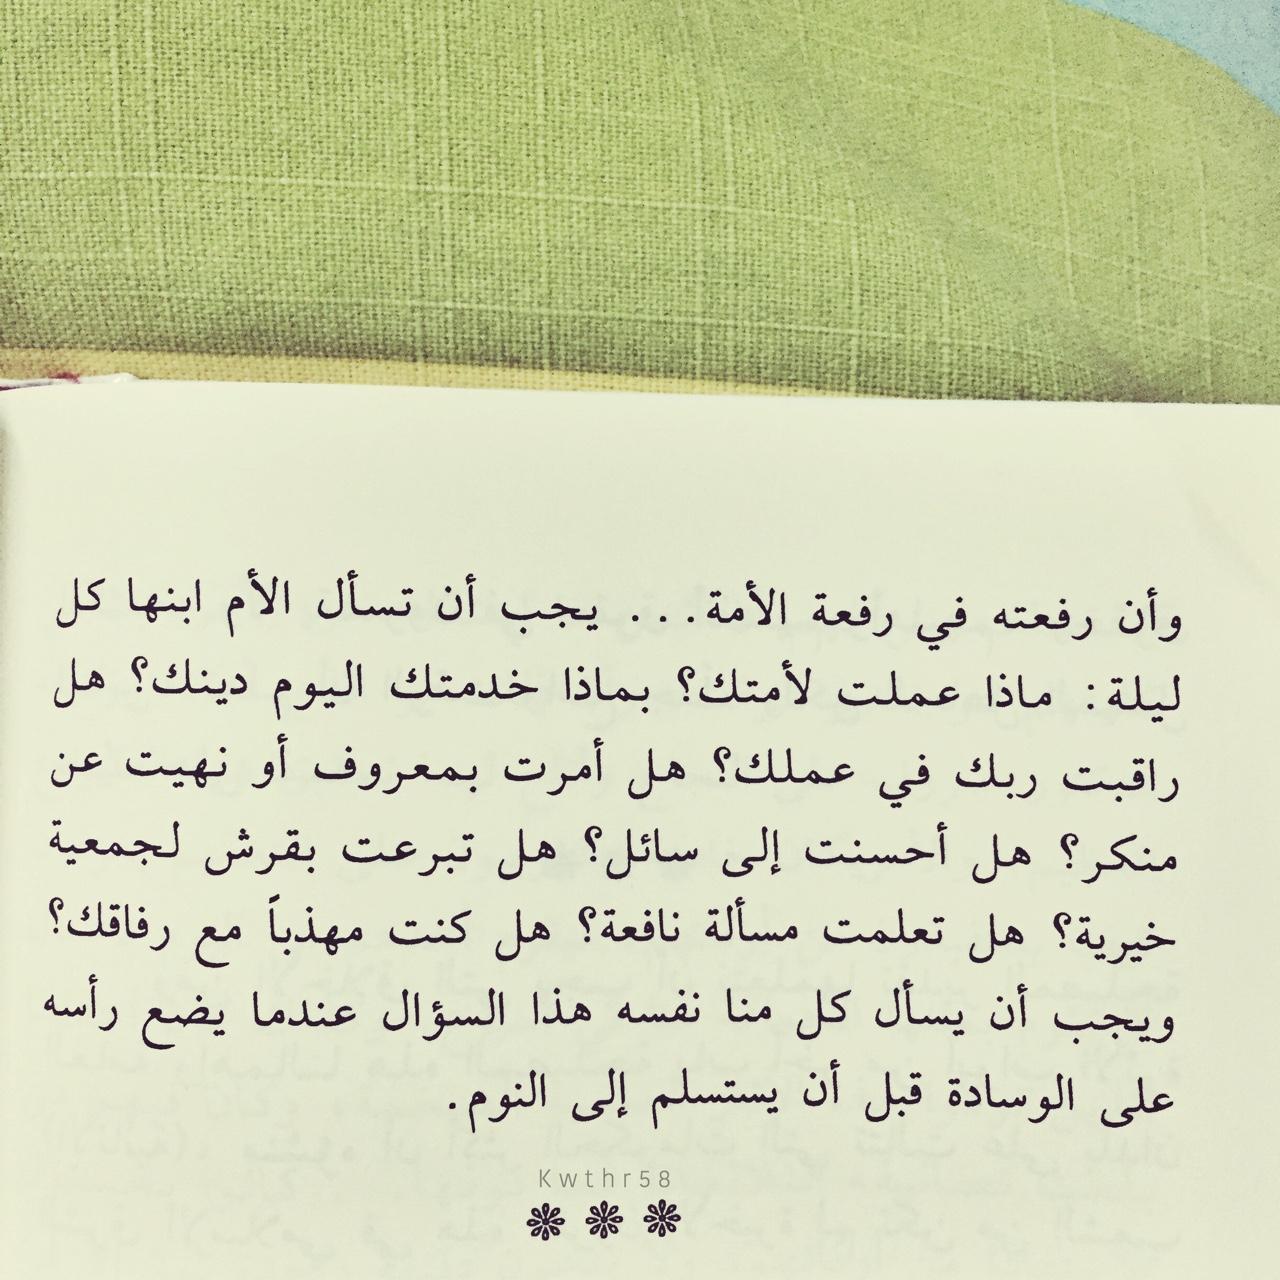 صورة كلام عن الام لا يفوتك، كلمات عن الام قصيرة 5794 5